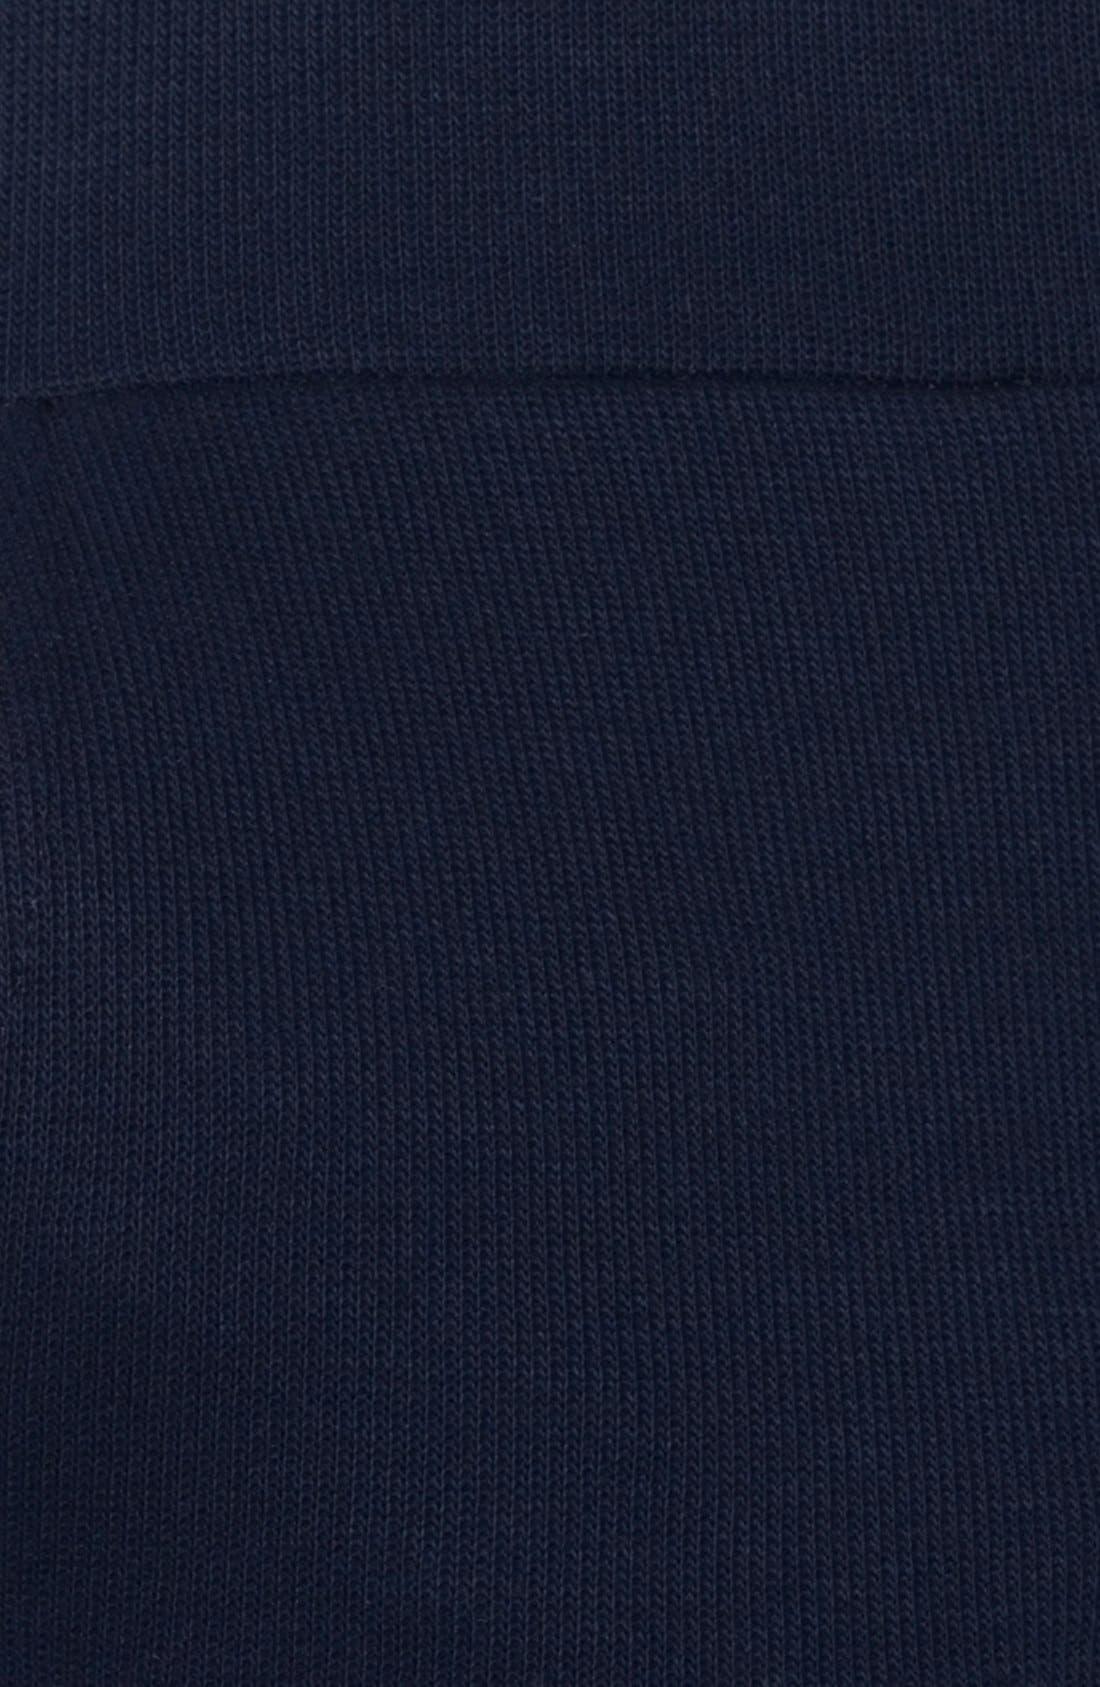 Alternate Image 3  - Lauren Ralph Lauren Knit Pants (Plus Size)